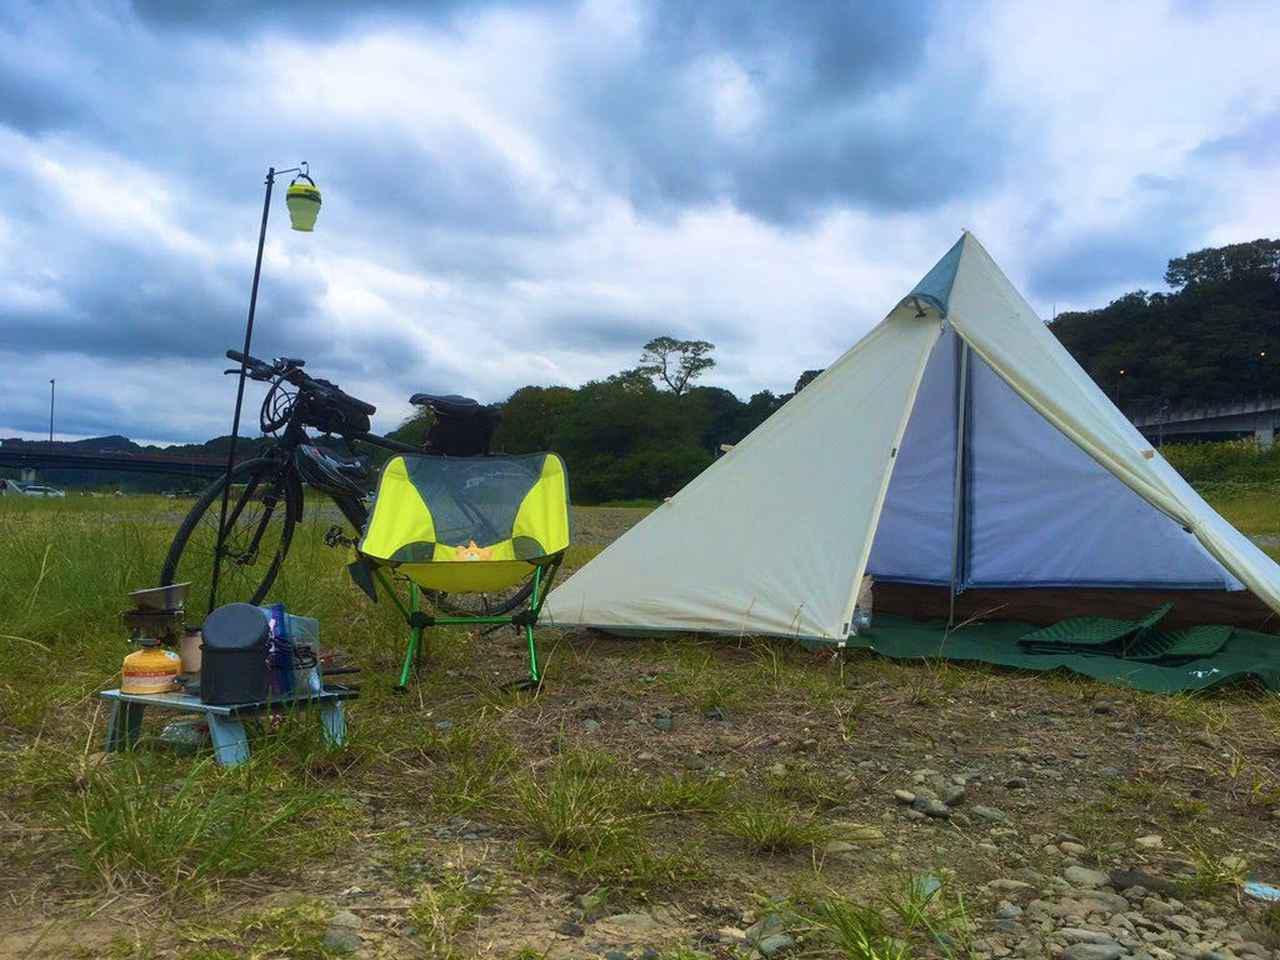 画像: 【自転車キャンプ(テント)】人気のテンマクデザインのパンダテントは軽量&コンパクトで初心者にもおすすめ! - ハピキャン キャンプ・アウトドア情報メディア